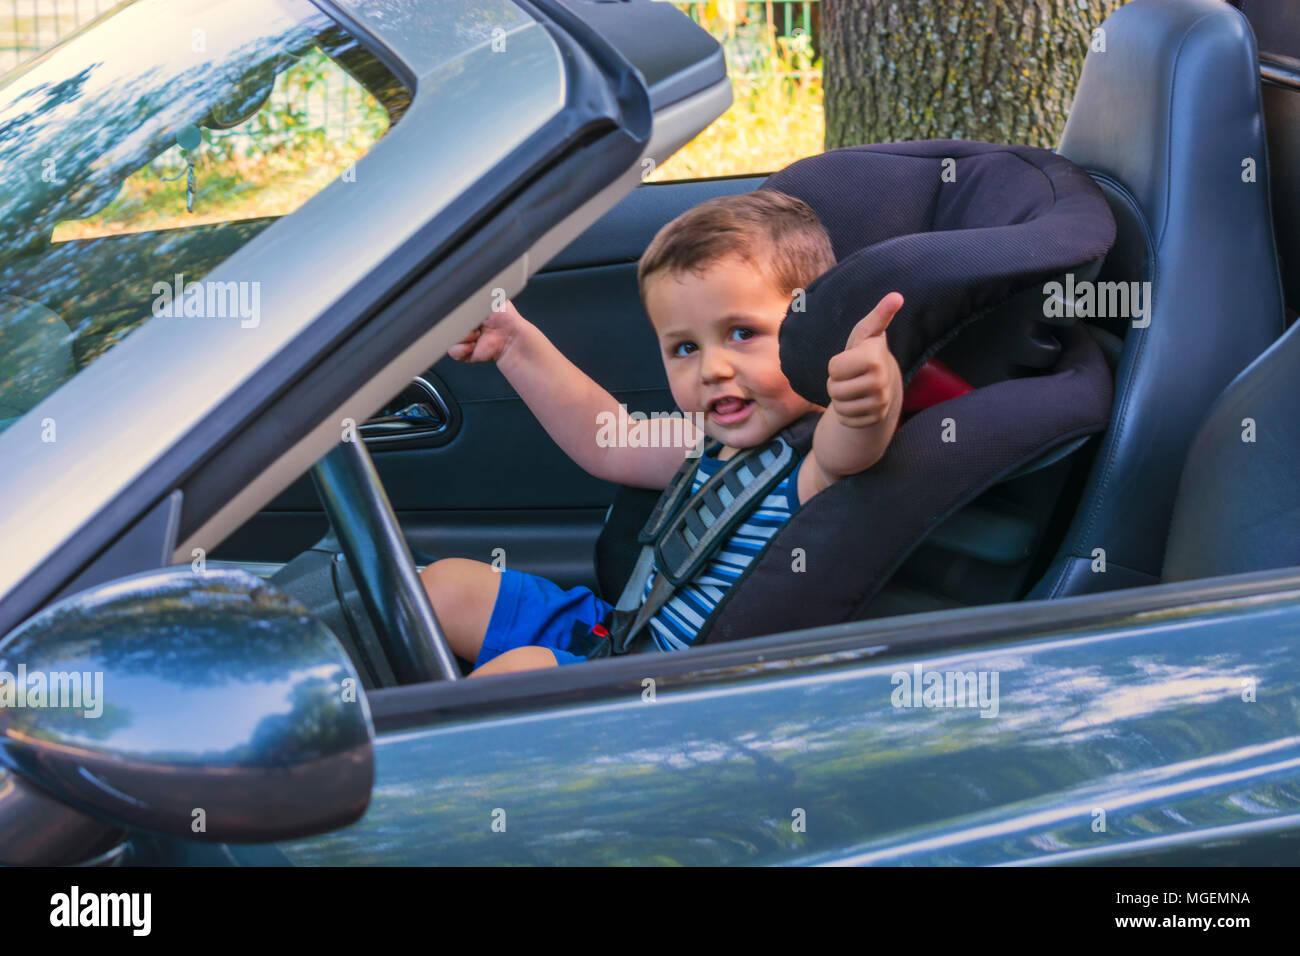 Felice di ridere bambino in una cabriolet si siede in auto sedile per bambino e mostra il pollice in su. Foto Stock